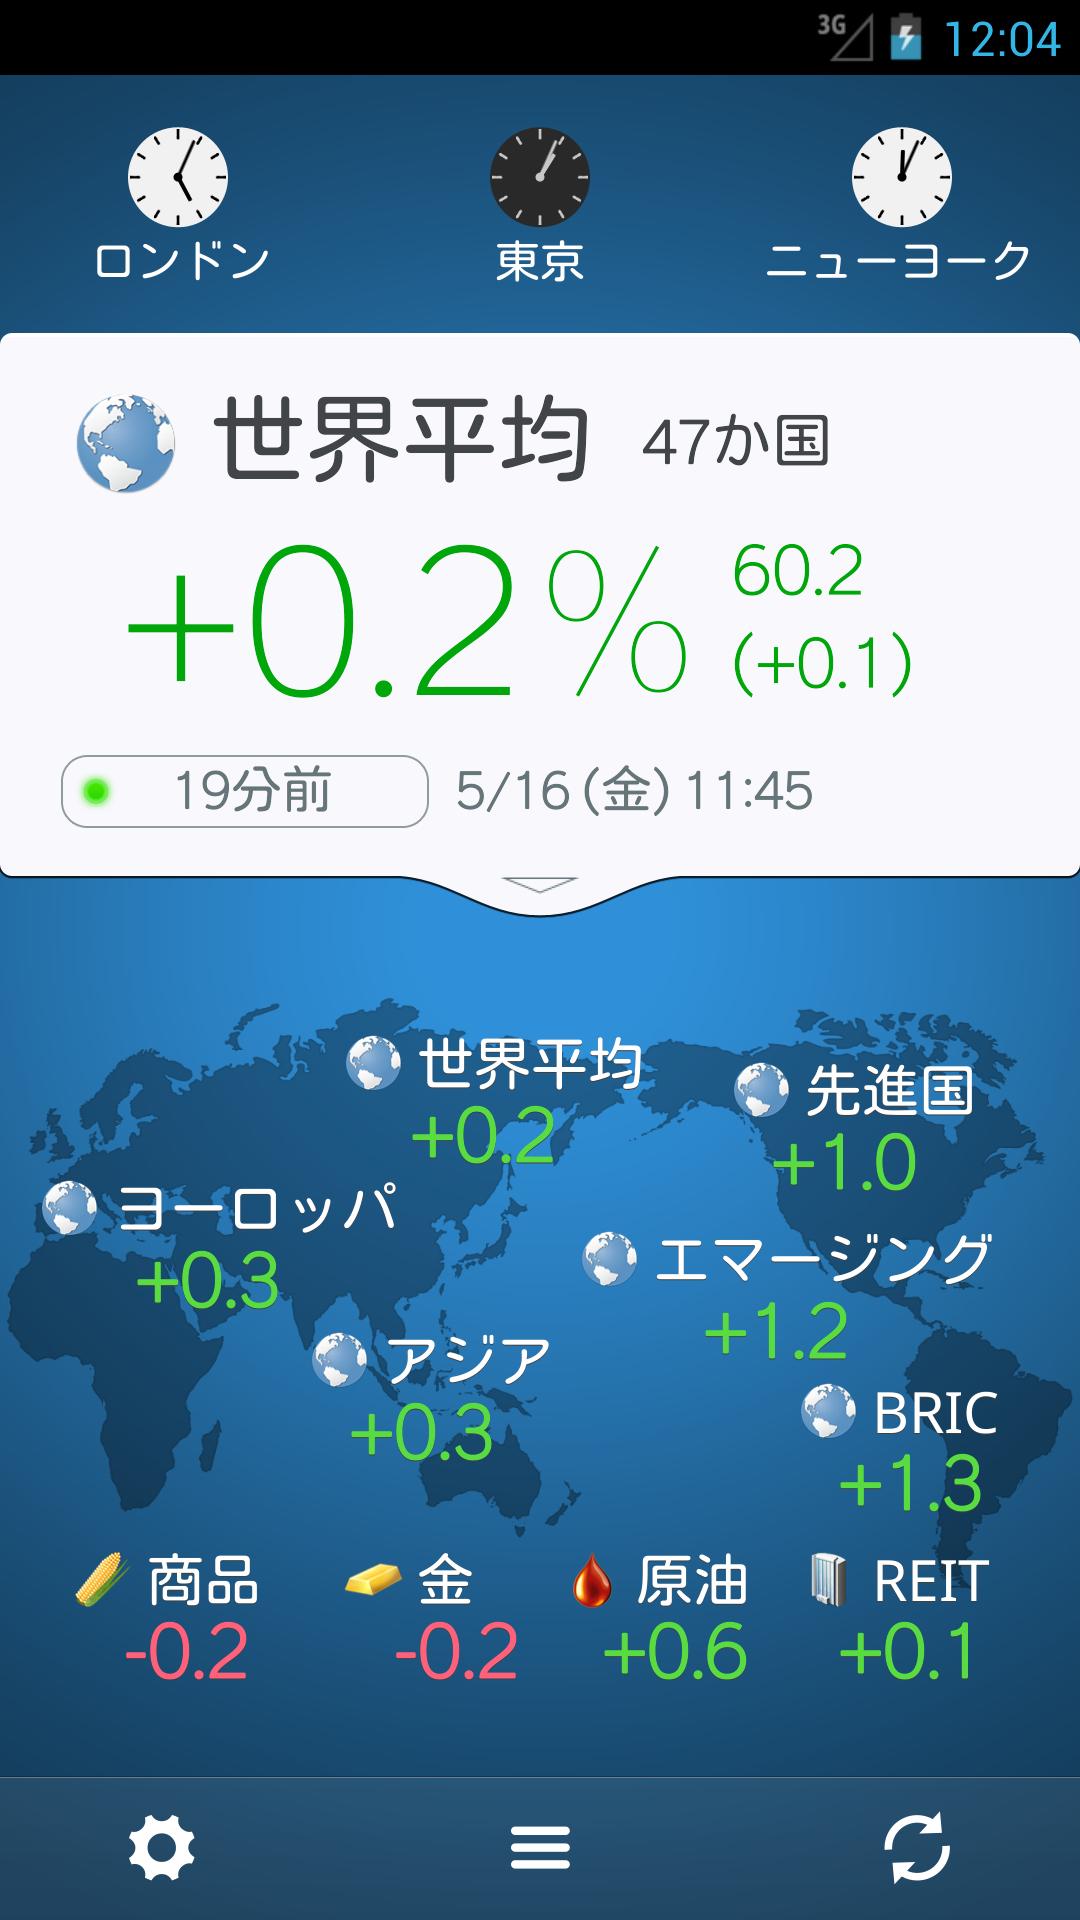 株価 の 新 世界 リアルタイム